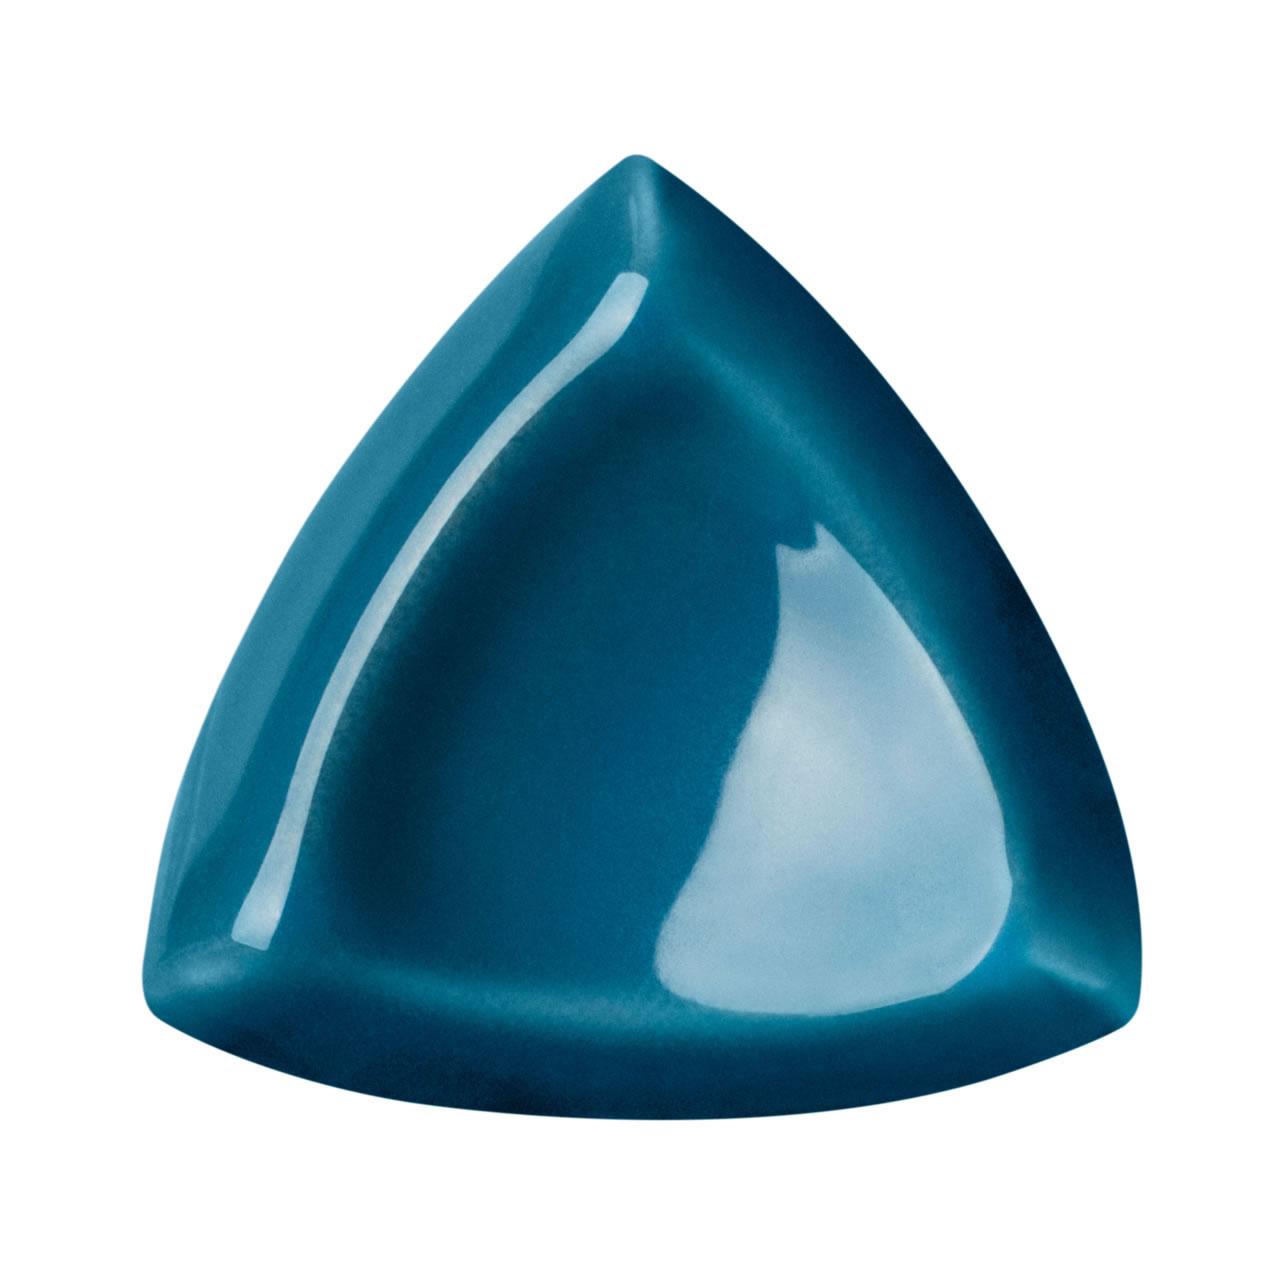 castanha interna azul petroleo 2,5×2,5